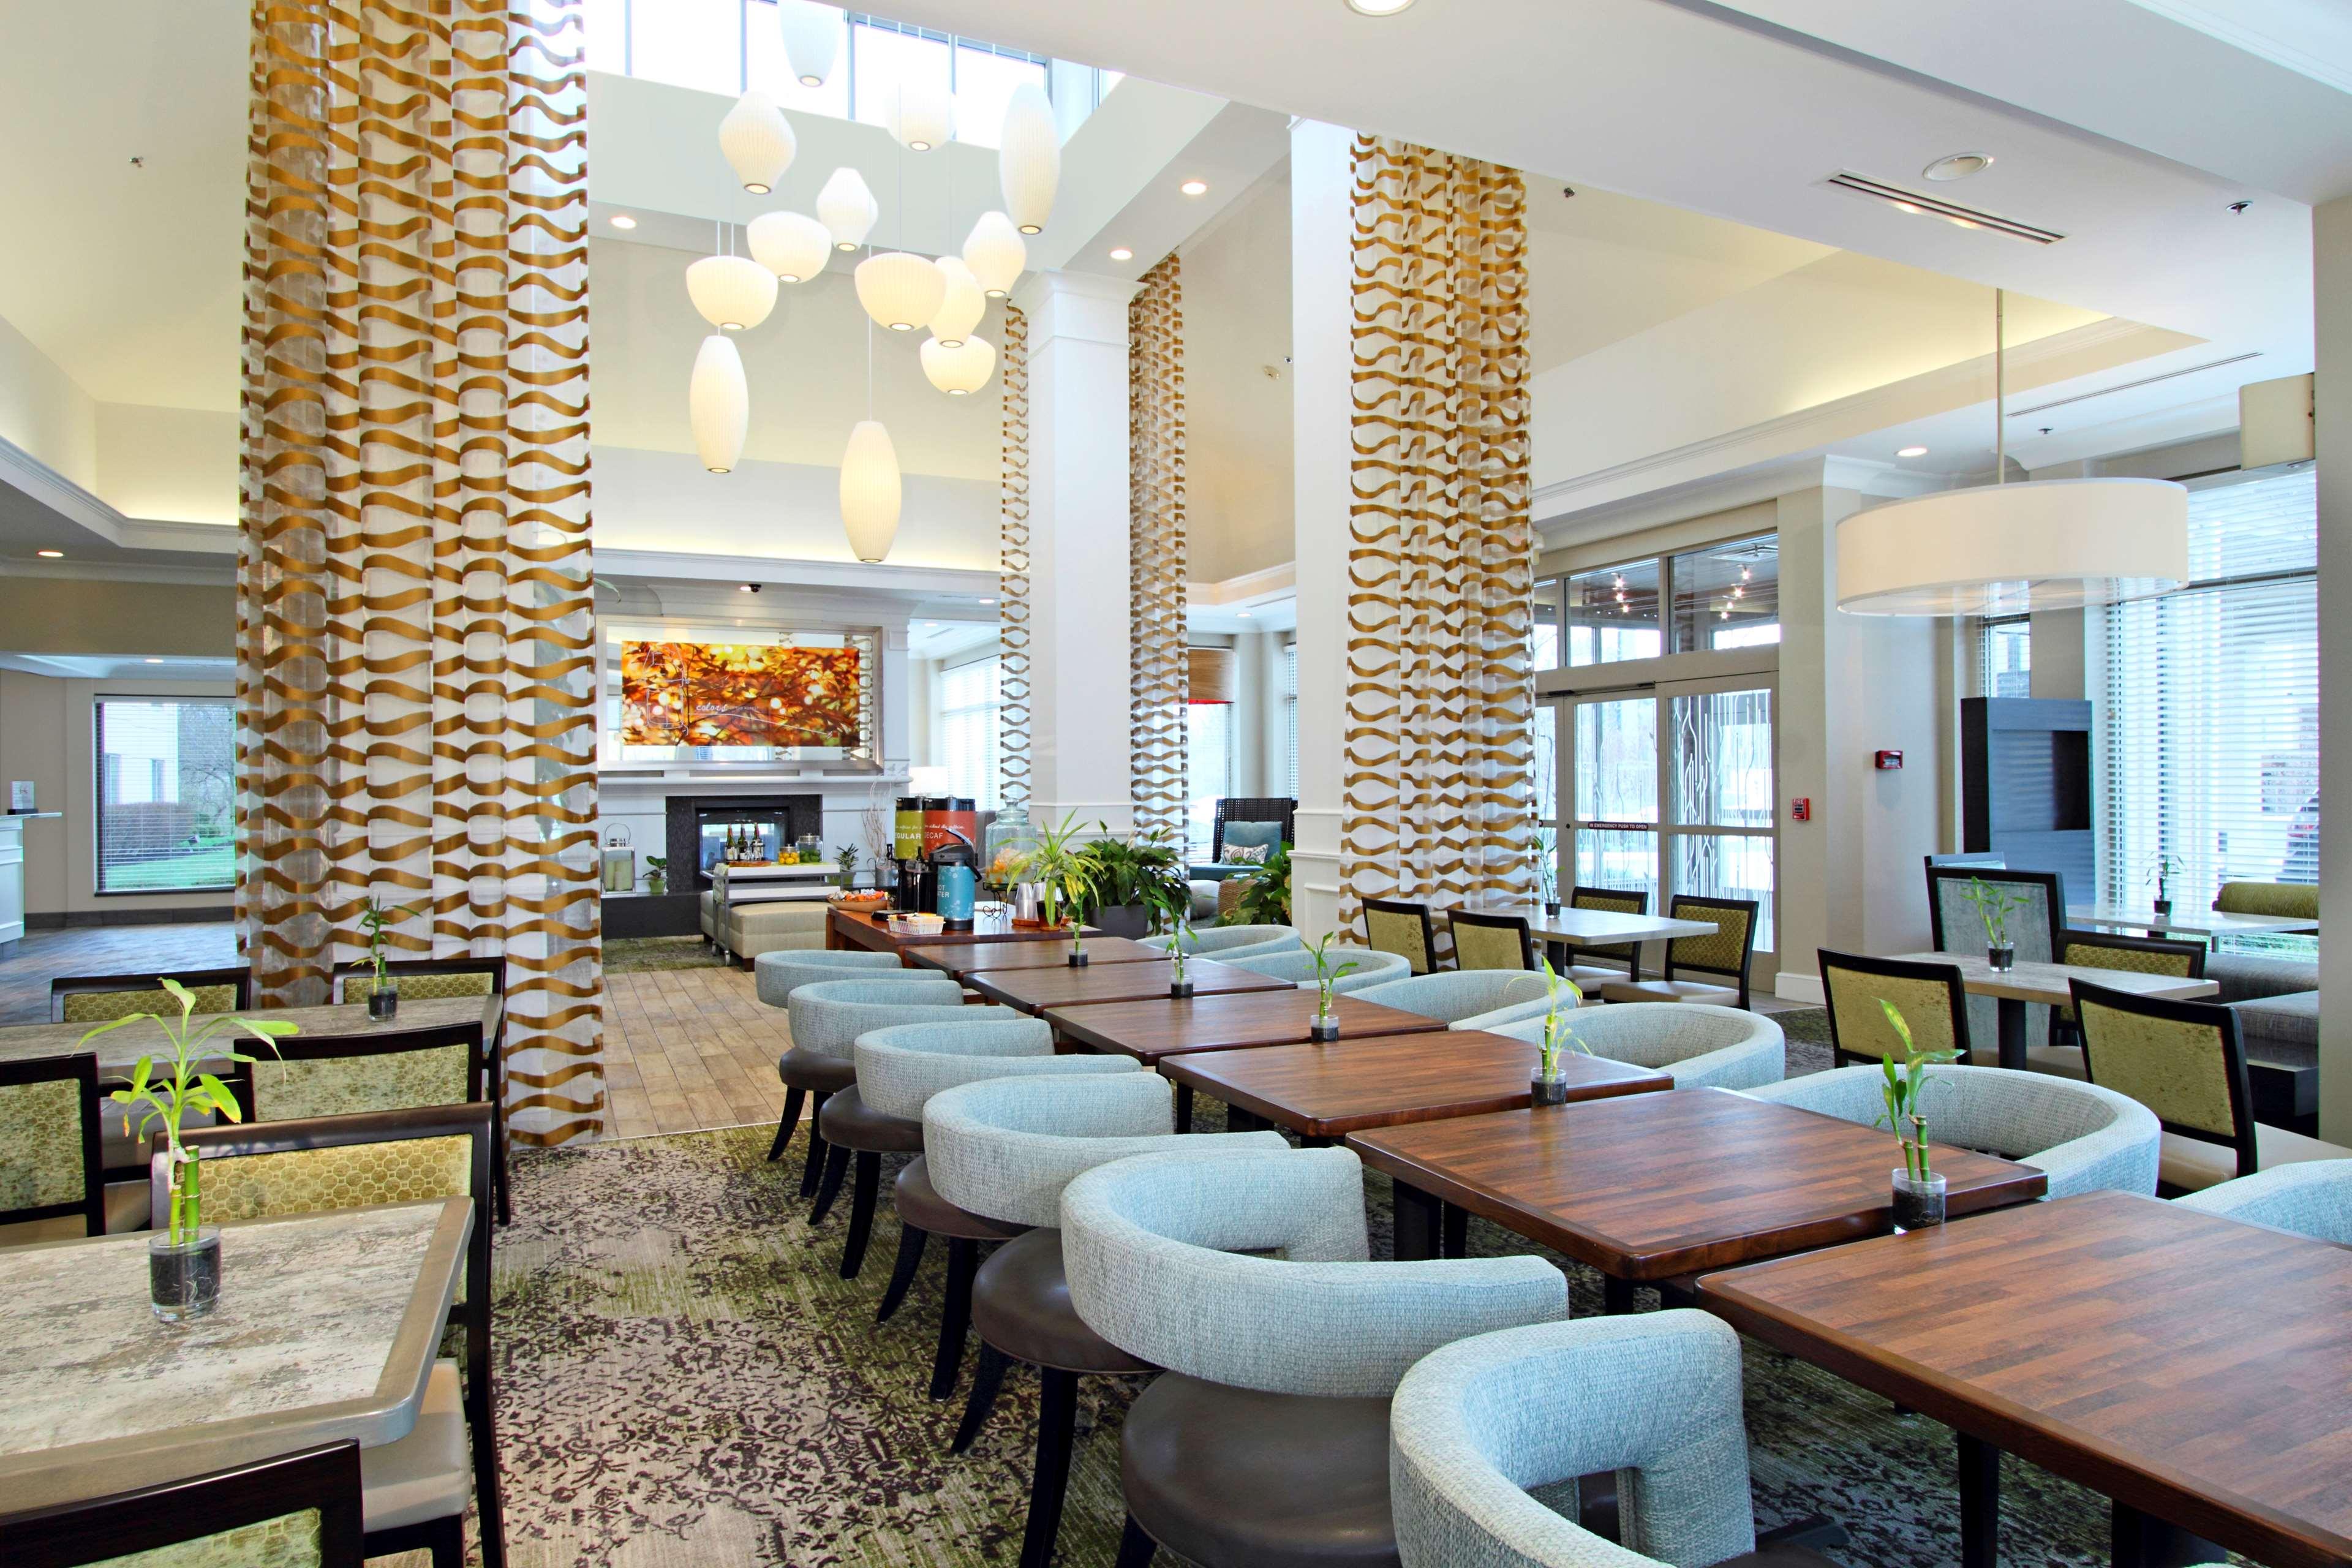 Hilton Garden Inn Columbus-University Area image 9